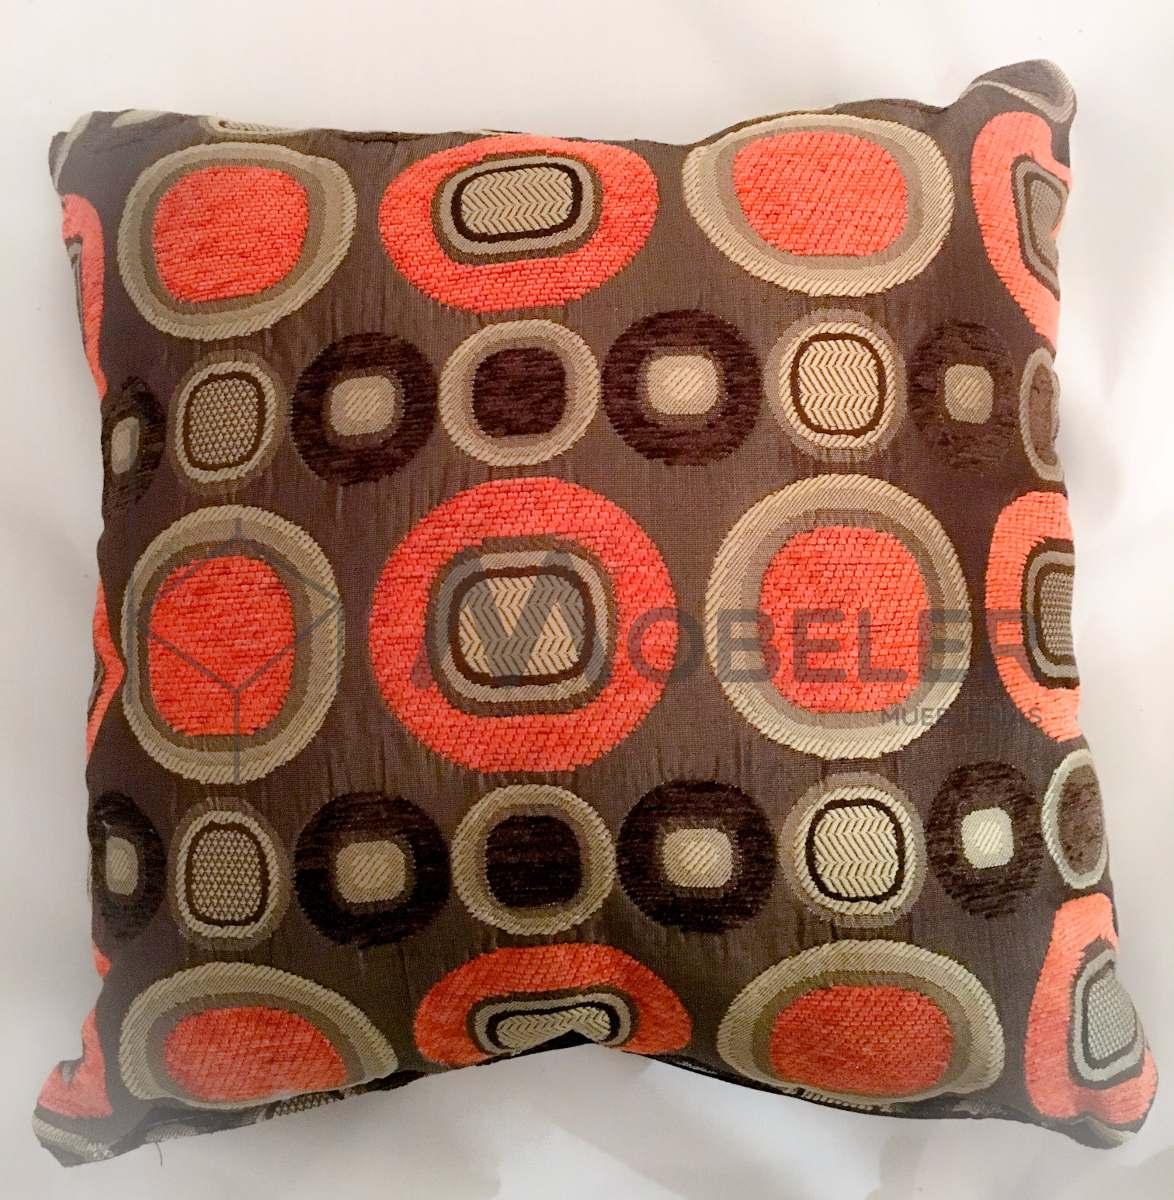 Paquete 4 cojines decorativos para sala minimalista moderna en mercado libre - Modelos de cojines decorativos ...